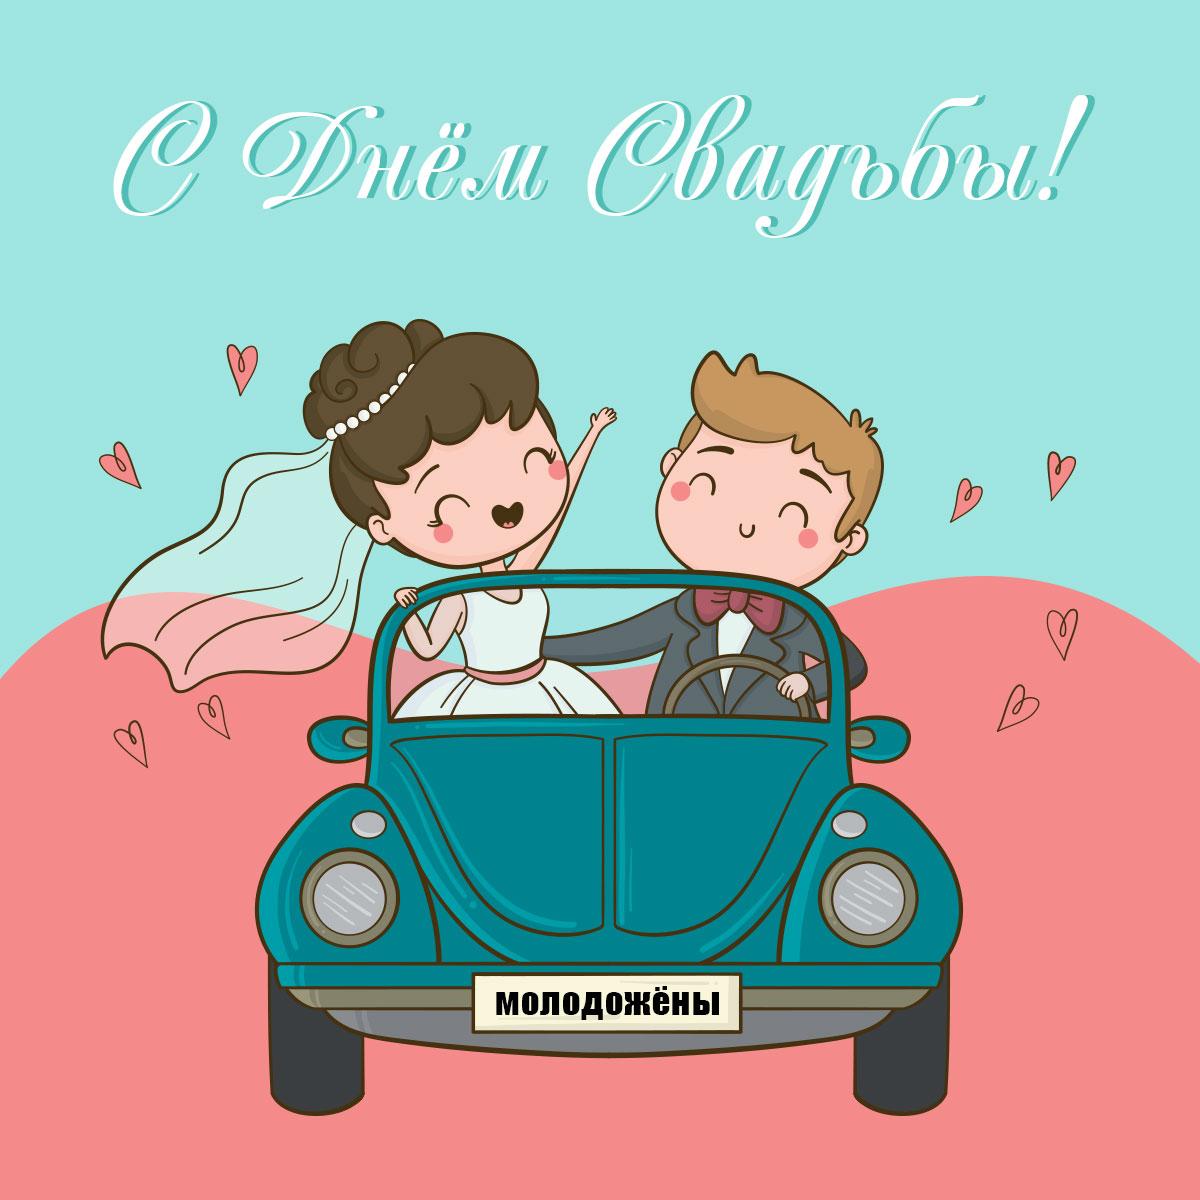 Жених и невеста внутри машины-кабриолета.